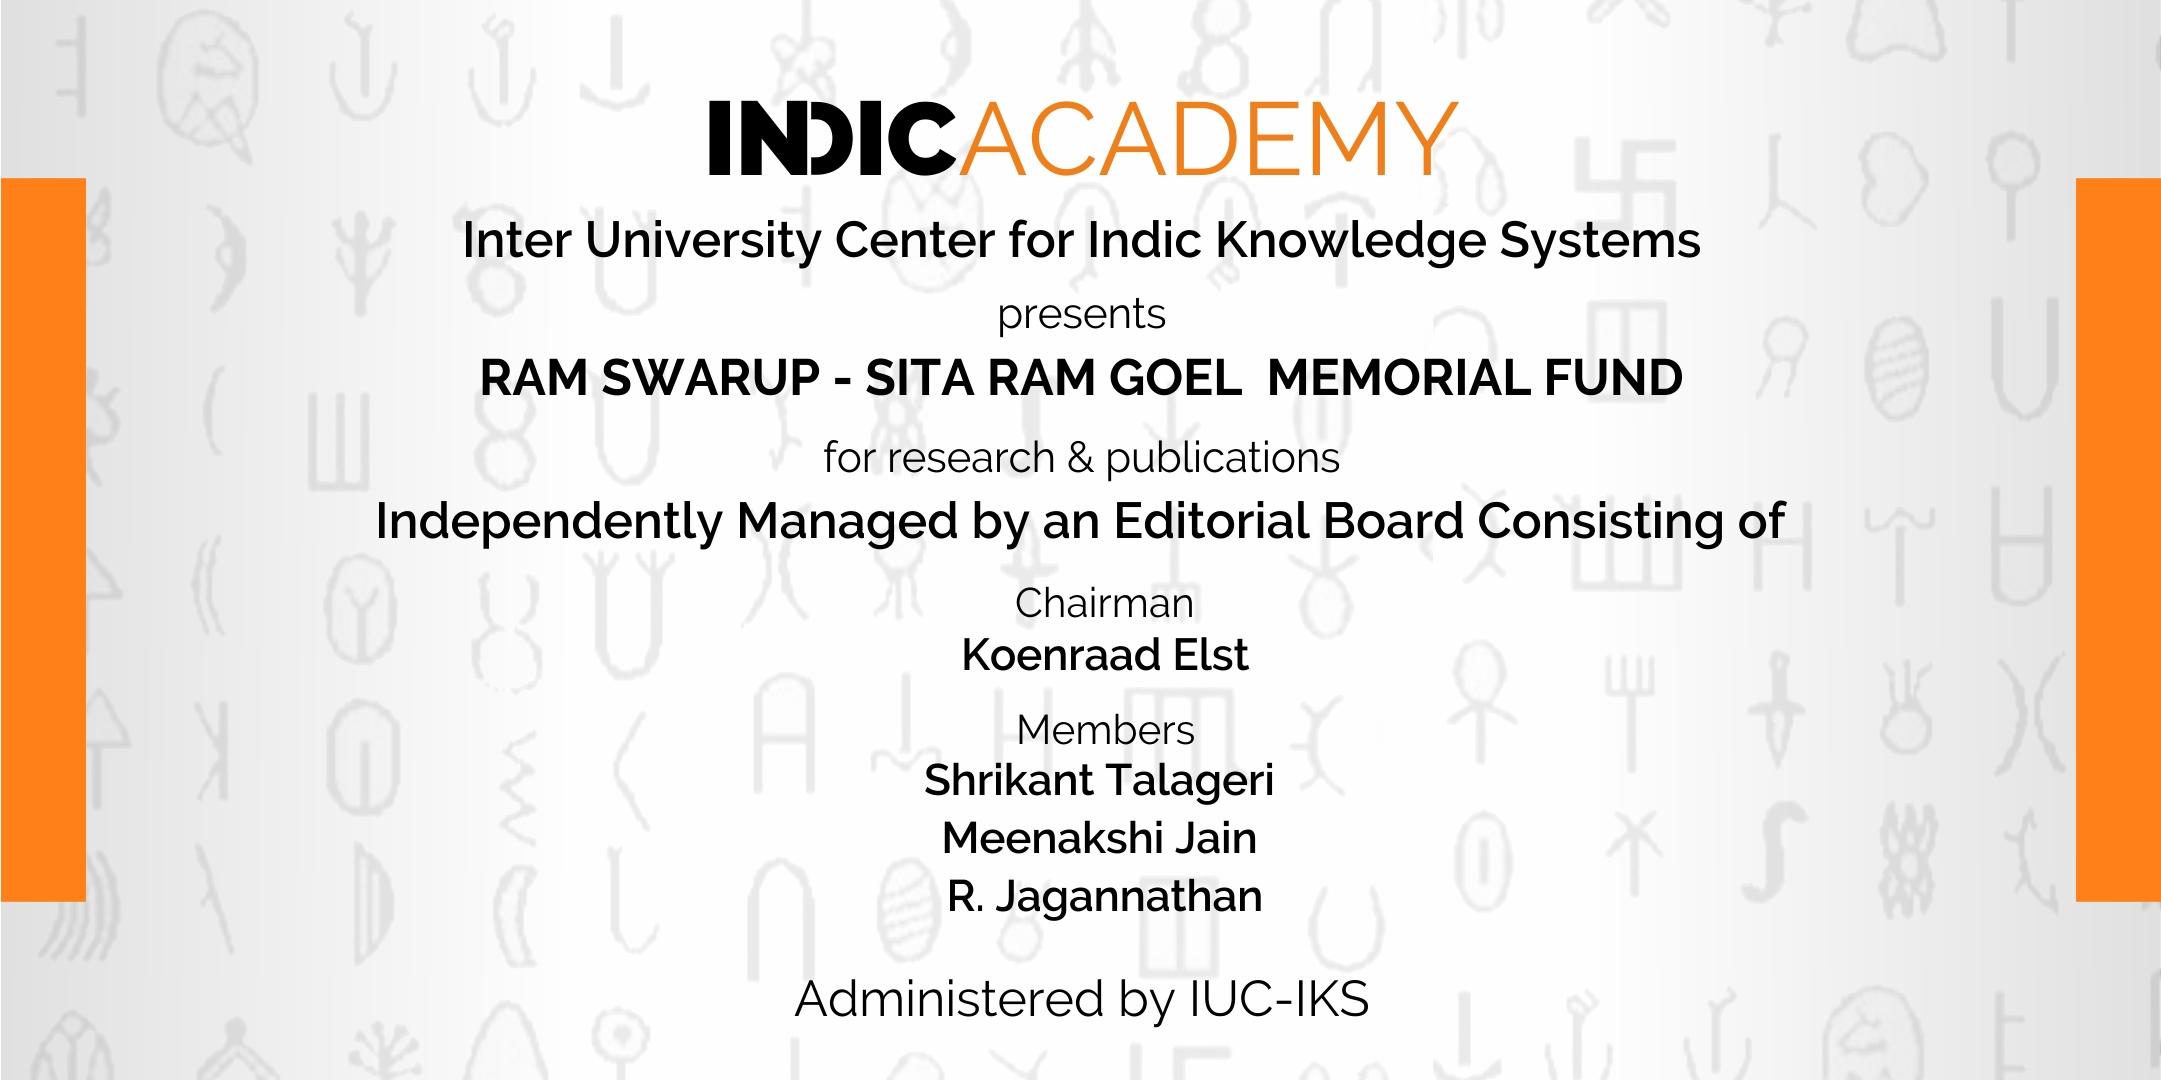 Ram Swarup- Sitaram Goel  Memorial Fund